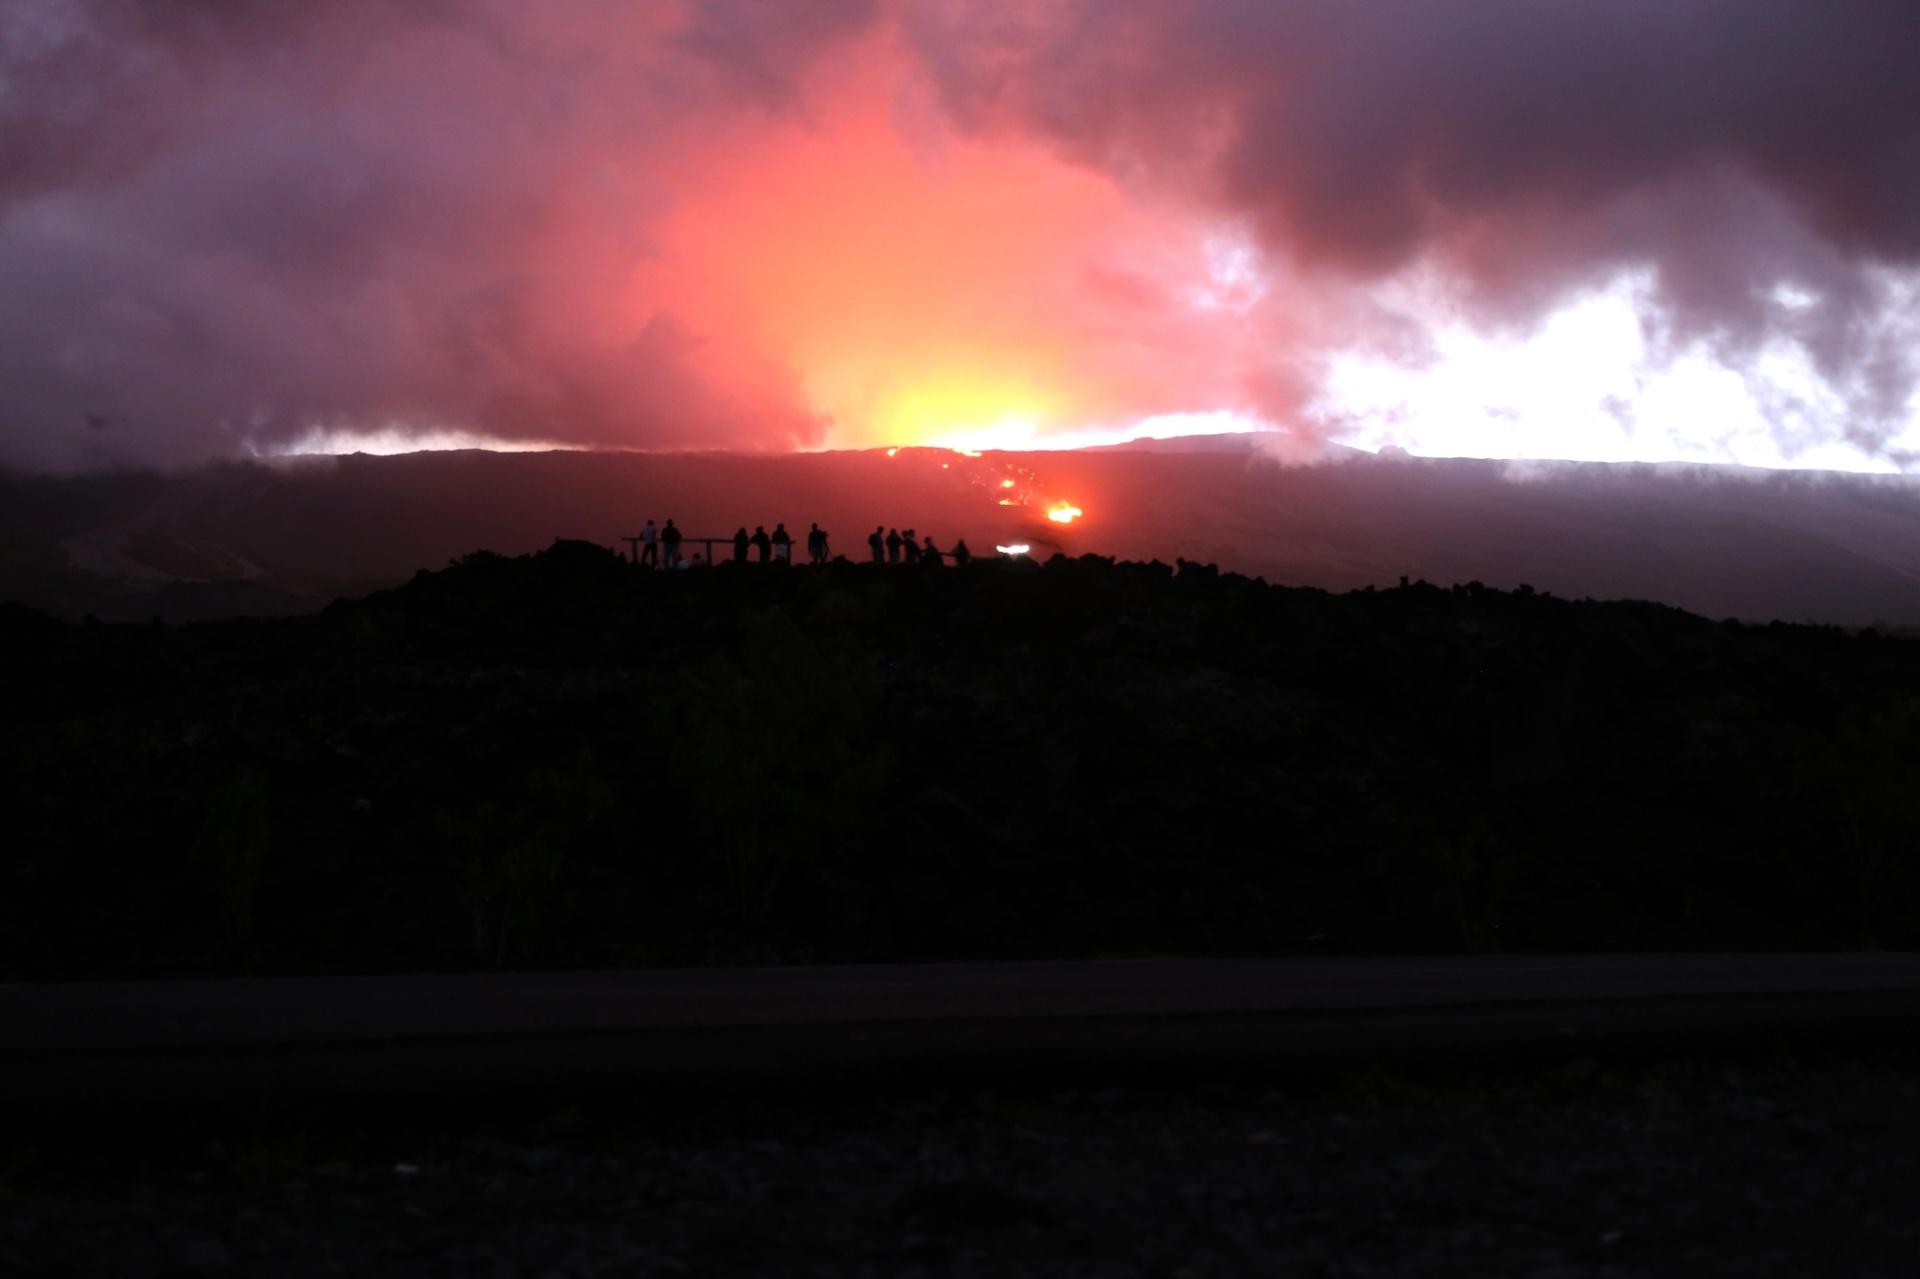 18.mai.2015 - Espectadores assistem à erupção do vulcão Piton de la Fournaise nesta segunda-feira (18), na ilha francesa de La Reunion, no oceano Índico. O vulcão começou a expelir cinzas e lavas no domingo (17)